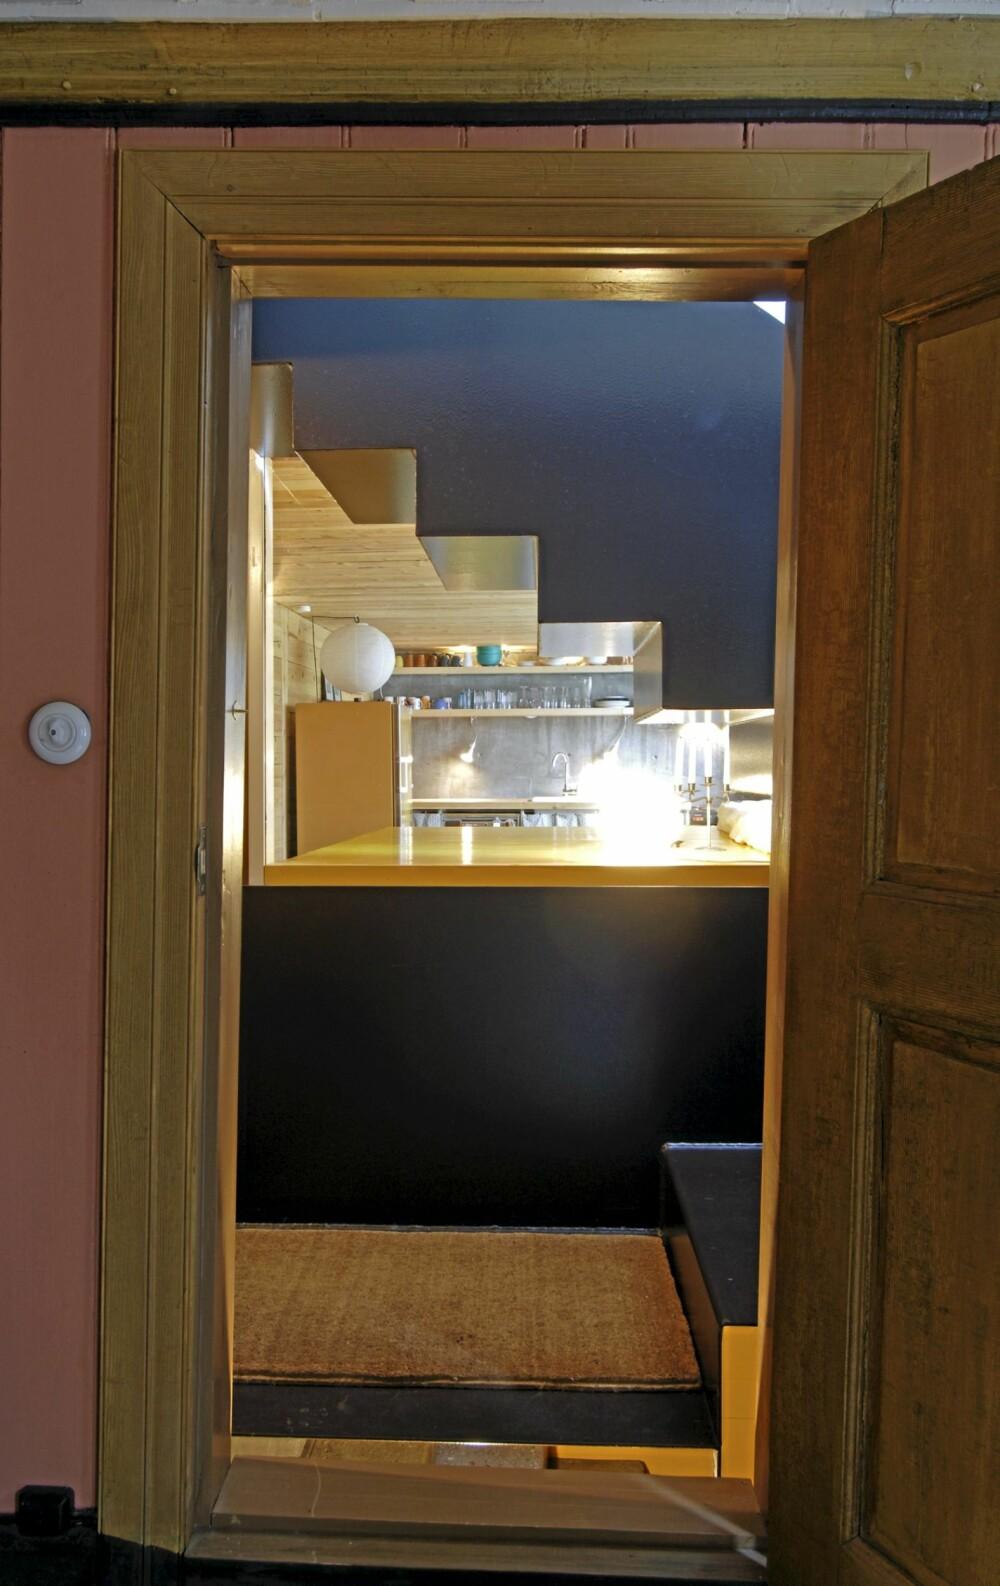 KULE KONTRASTER: Fra nabohuset datert 1850 ser vi et glimt av allrommet under den  nye trappen. Knallgul soveplass.